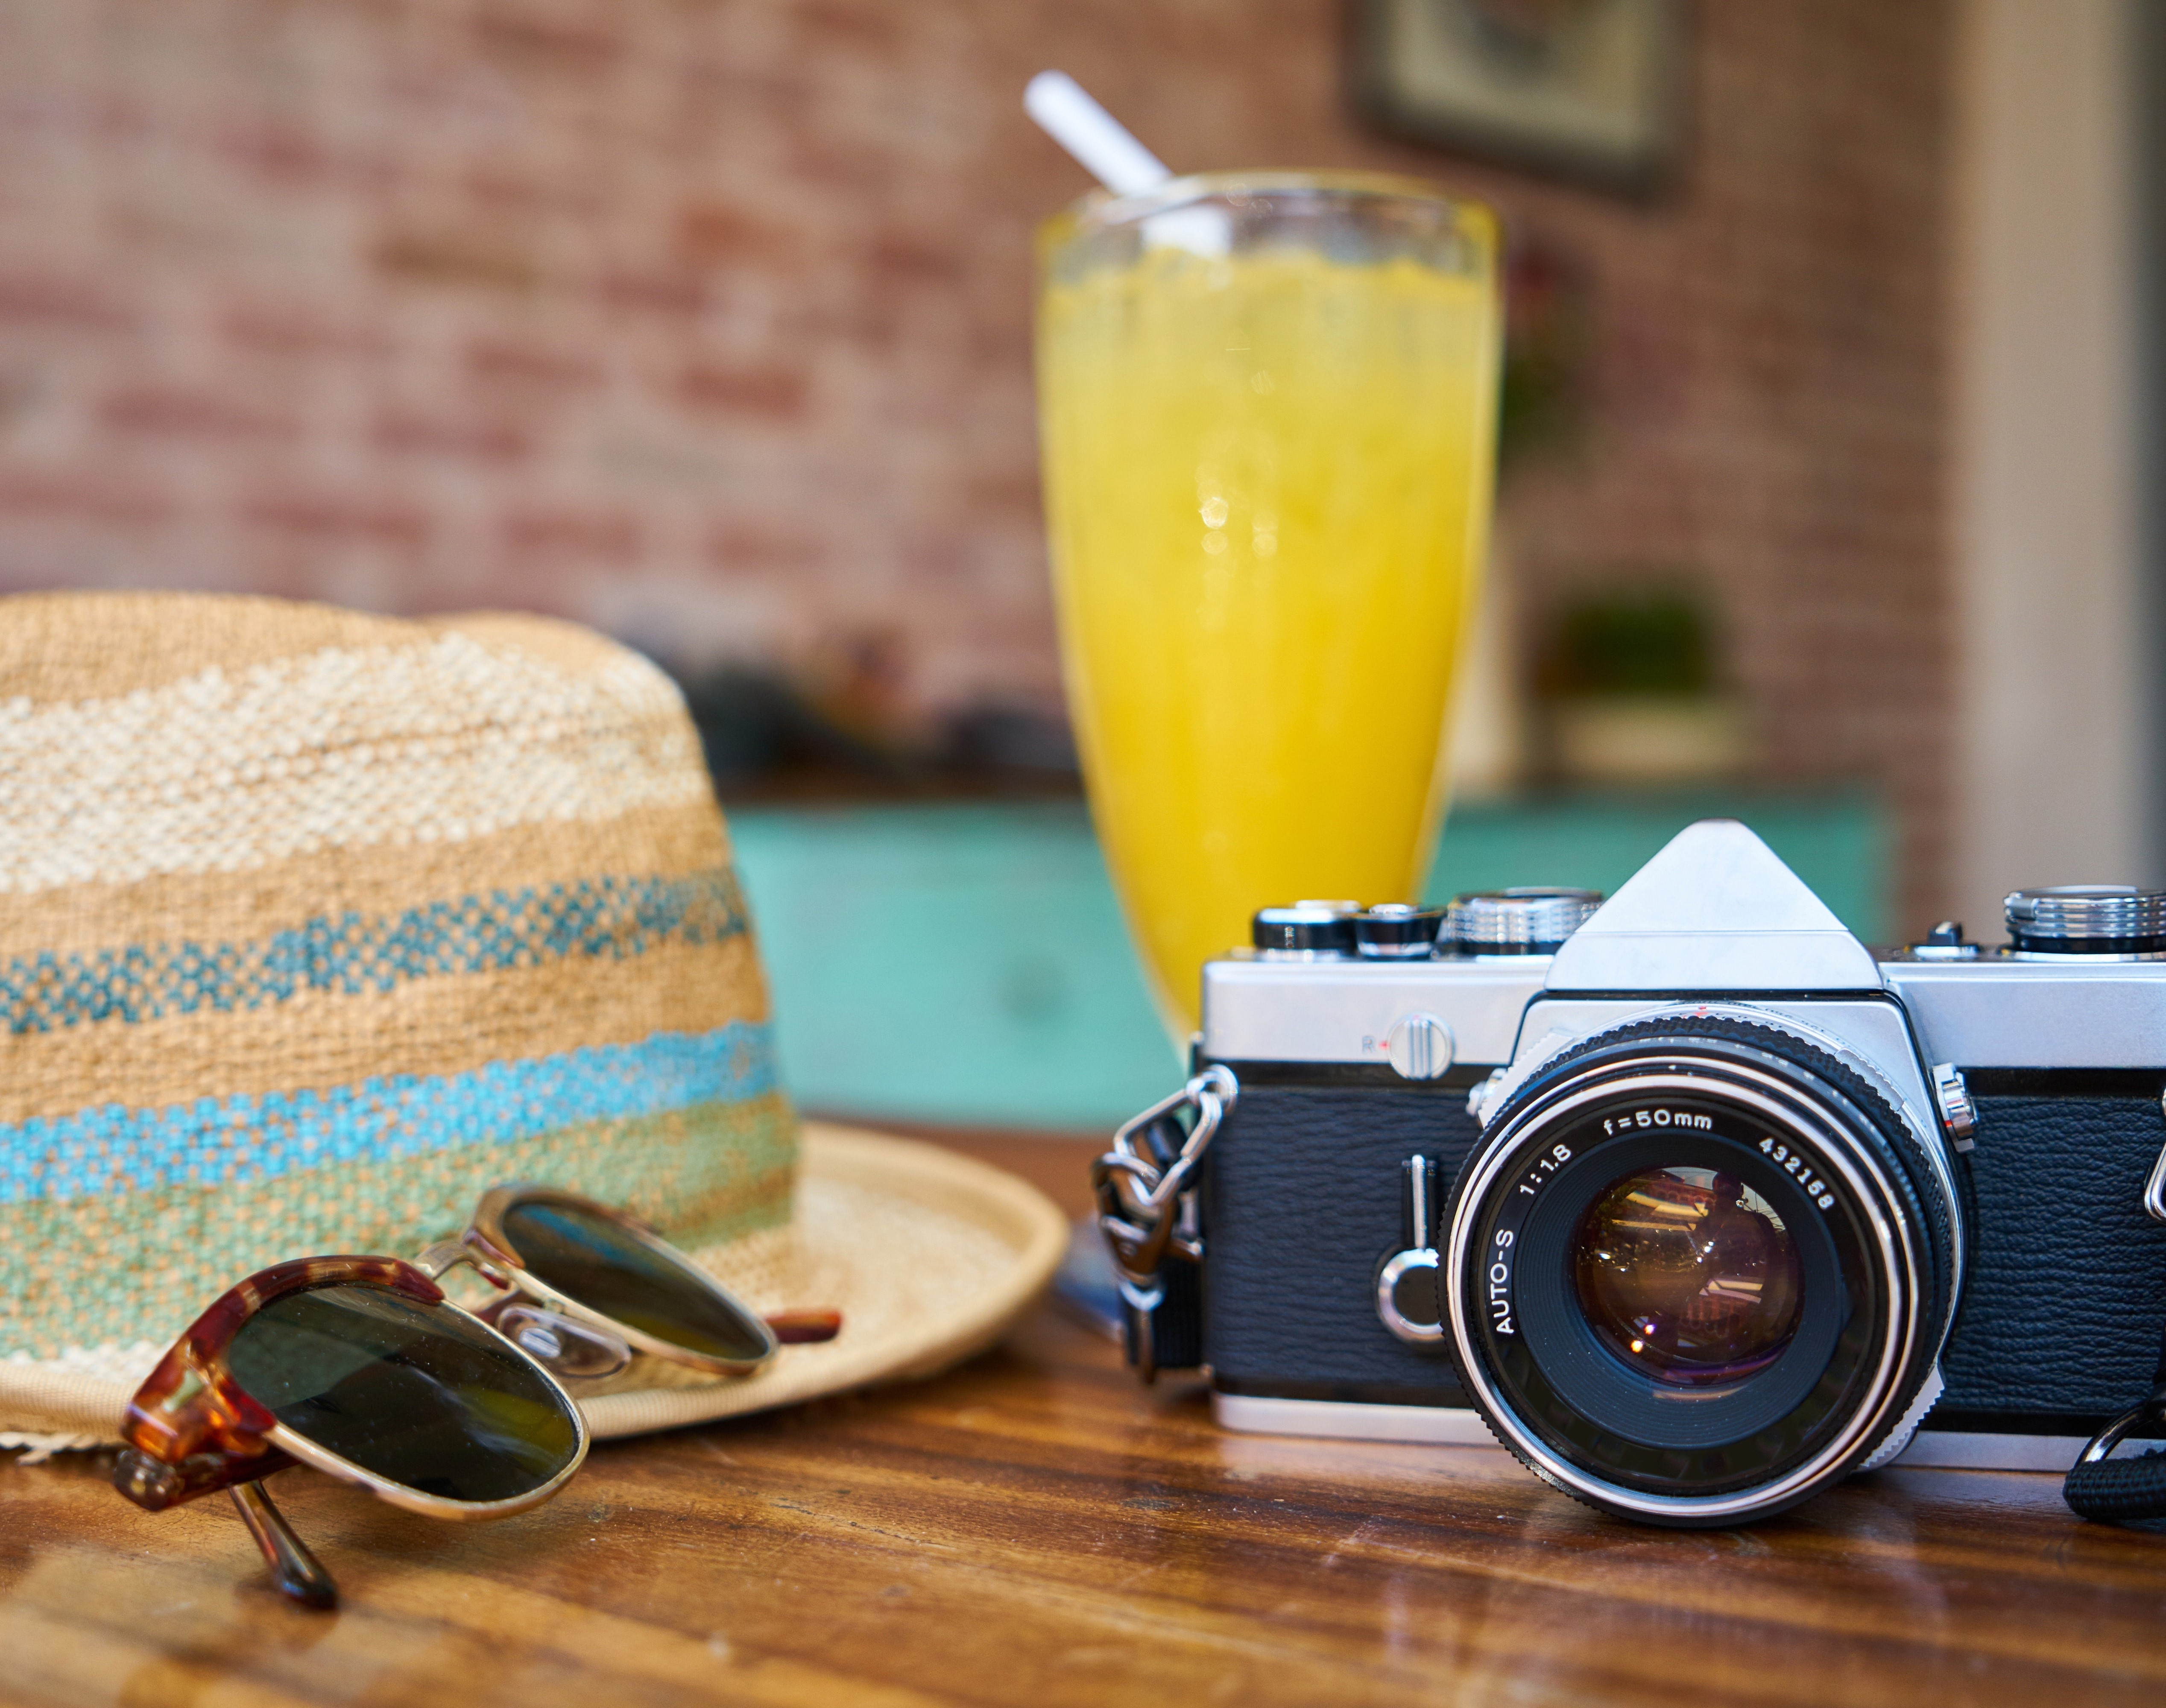 cafe-camera-classic cut